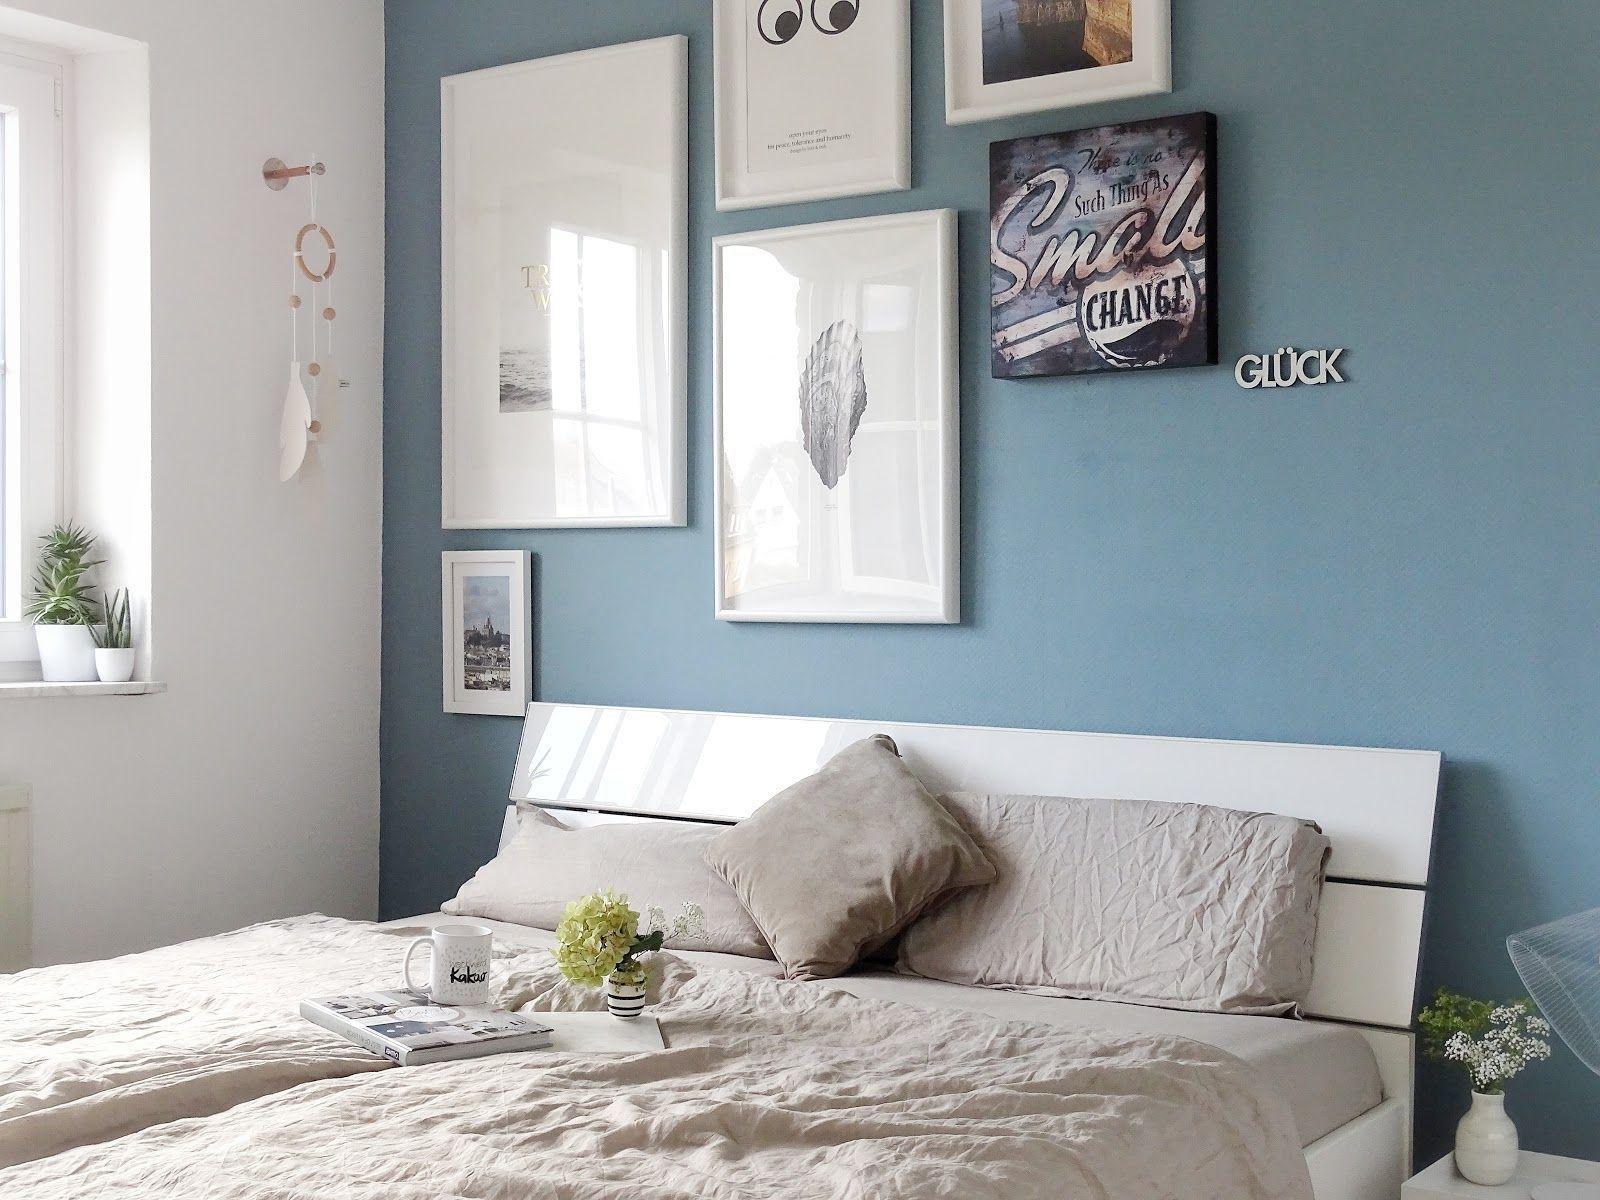 Schlafzimmer Makeover Mit Neuer Wandfarbe Warum Dunkle Wandfarben Auch In Kleineren In 2020 Blaue Schlafzimmerideen Schlafzimmer Farbschemata Wandfarbe Schlafzimmer